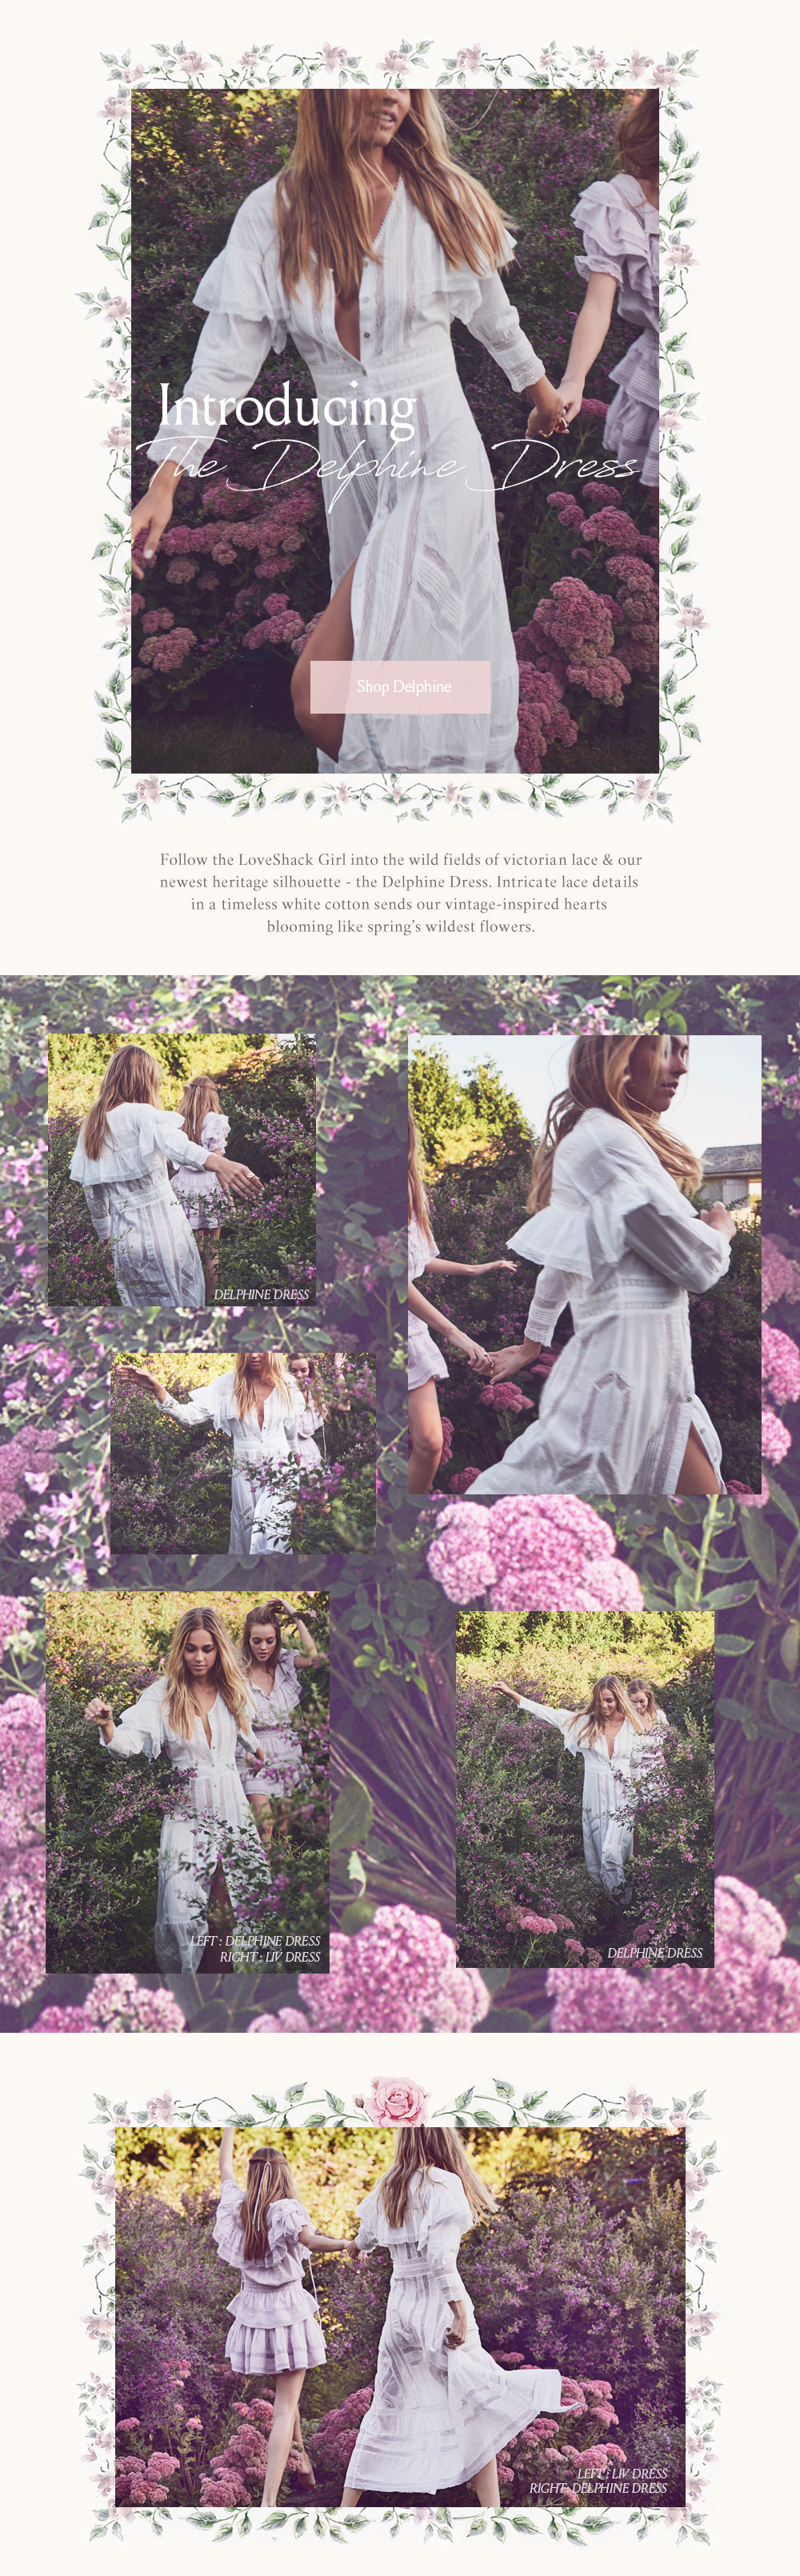 Blog-Delphine-Dress-1.jpg